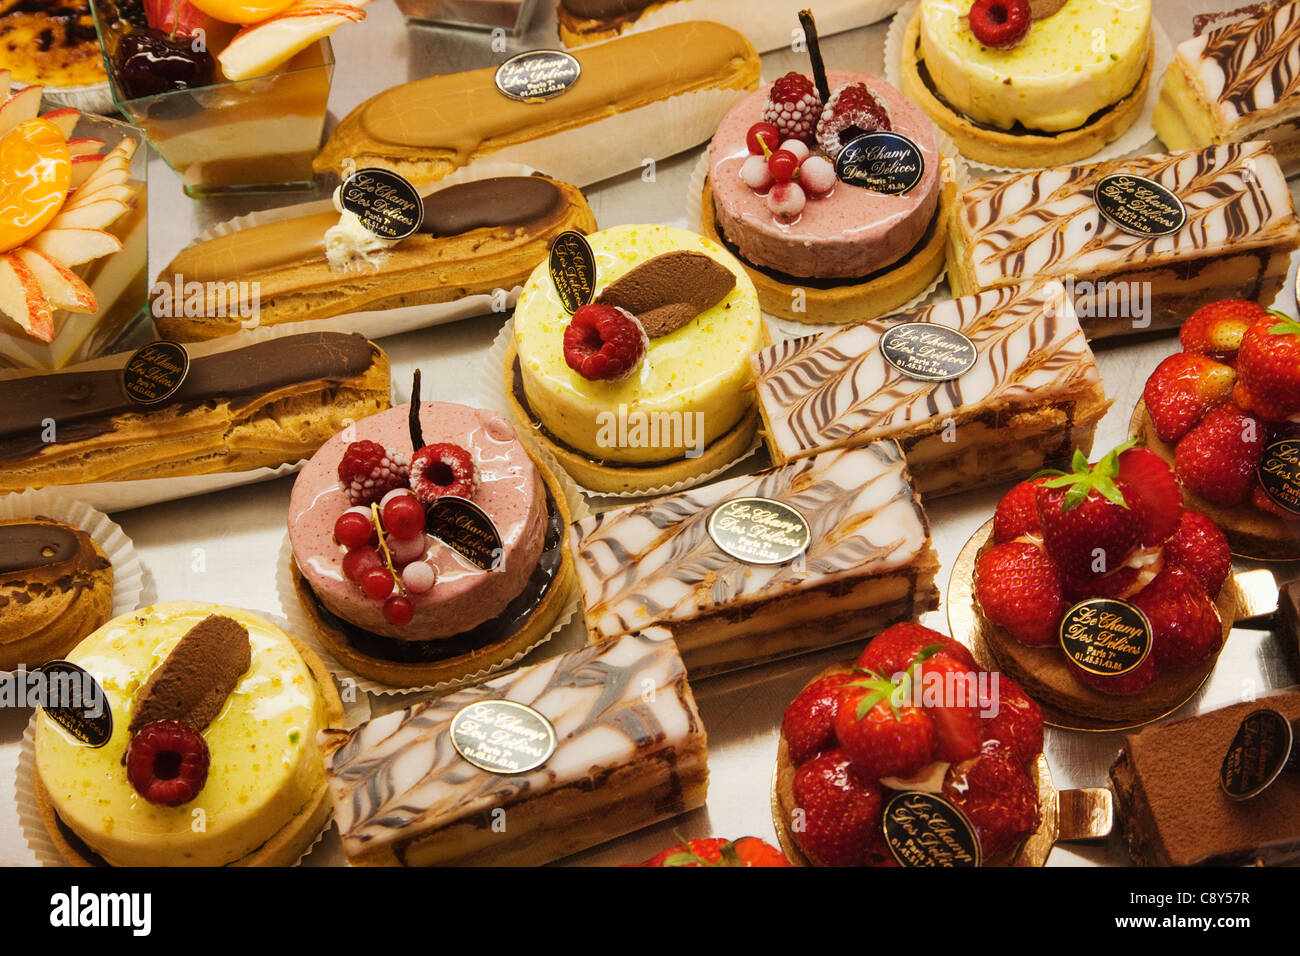 France Paris Pastries Display In Patisserie Shop Window